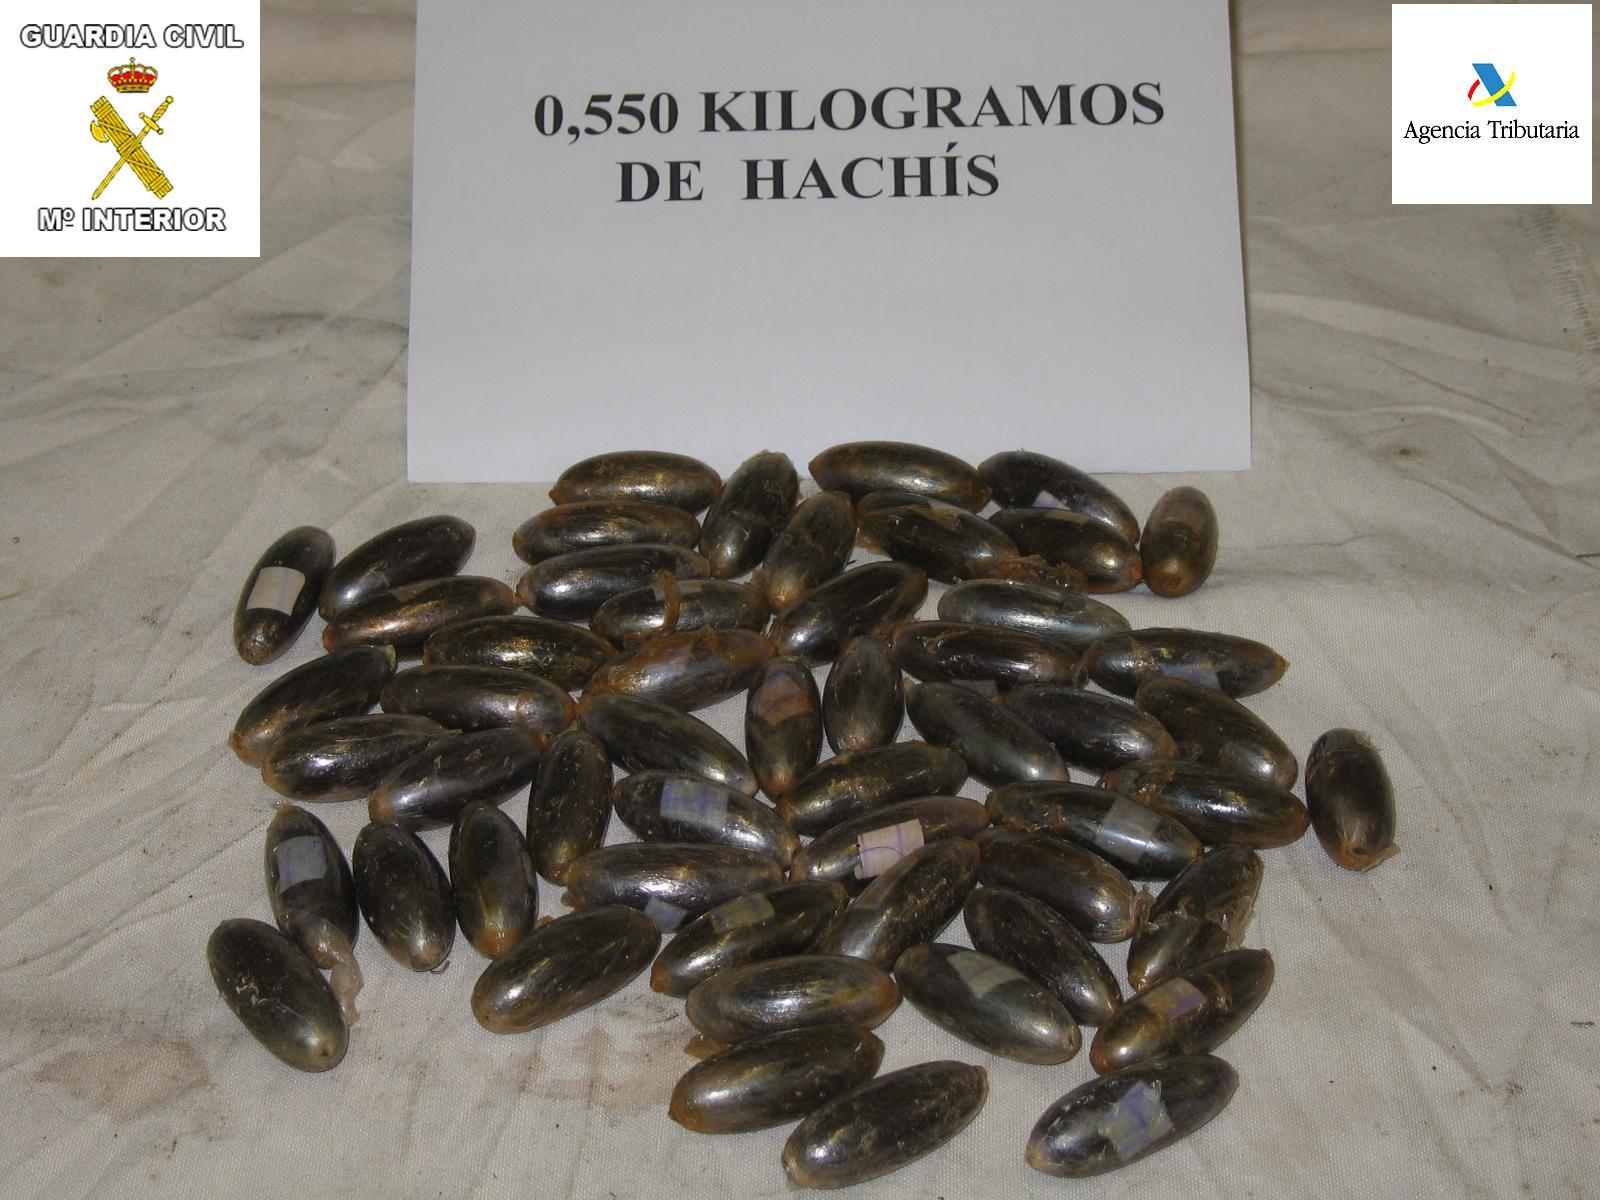 Resultado de imagen de cagar bellotas de hachis